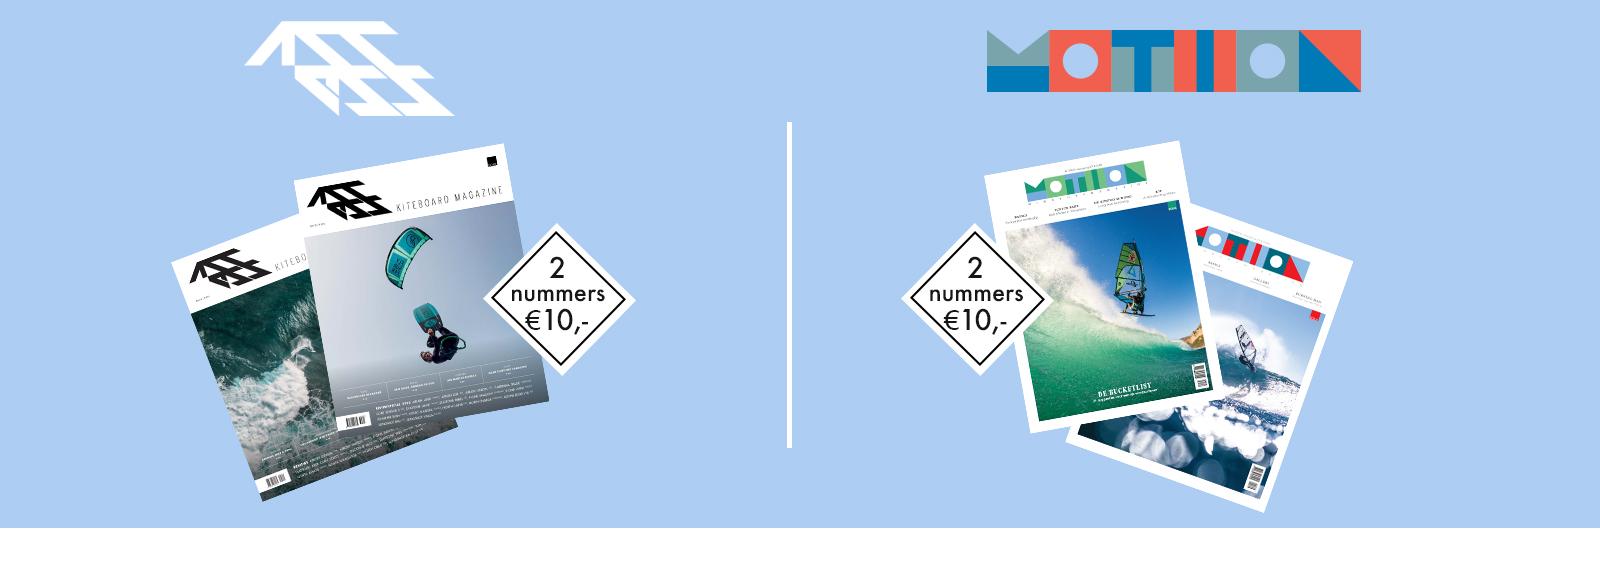 abonnement op Motion windsurf magazine en Access kiteboard magazine